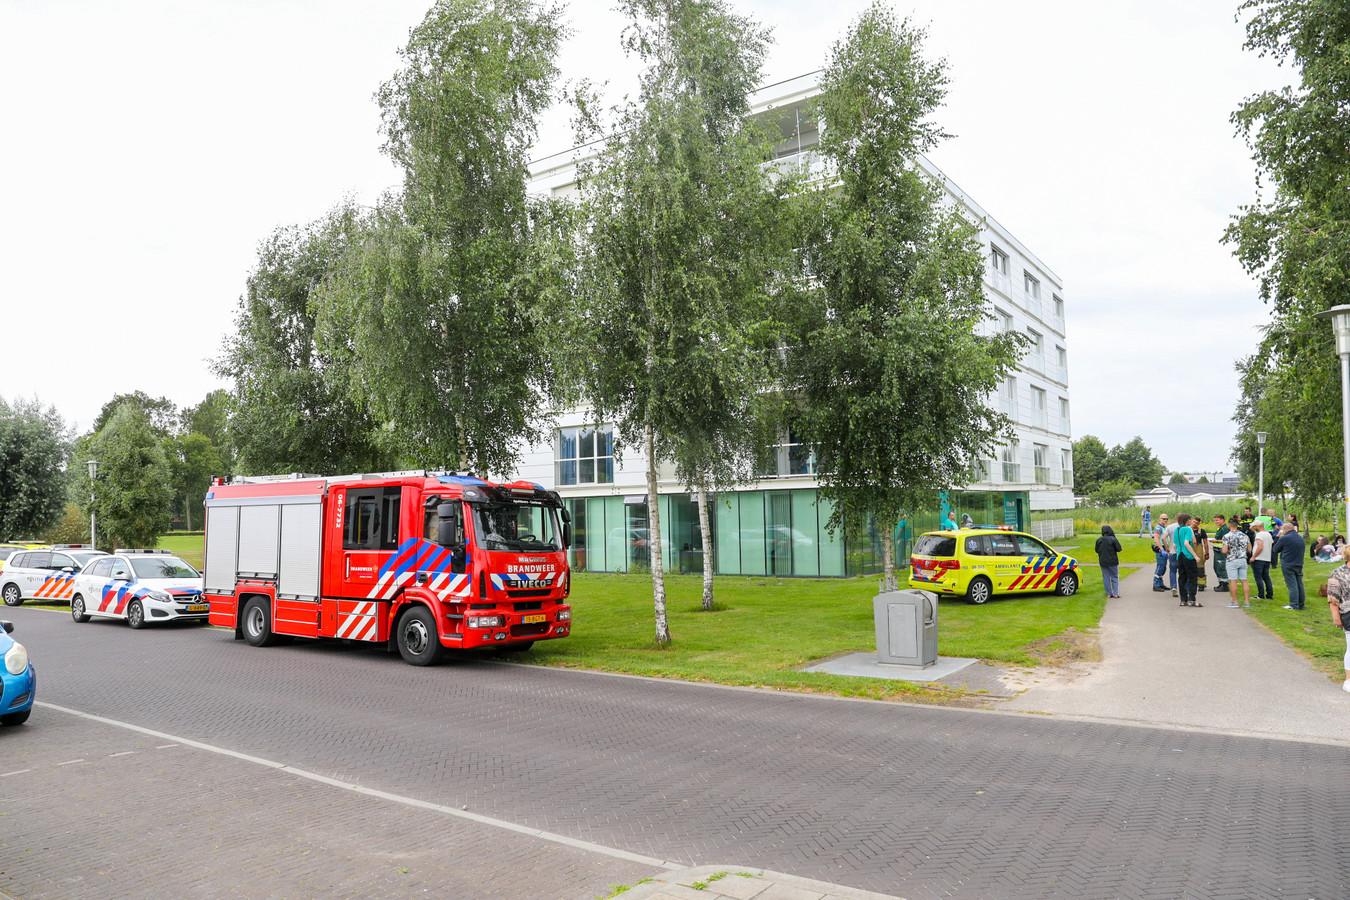 Het appertementencomplex aan de Calypsostraat in Apeldoorn dat ontruimd is.